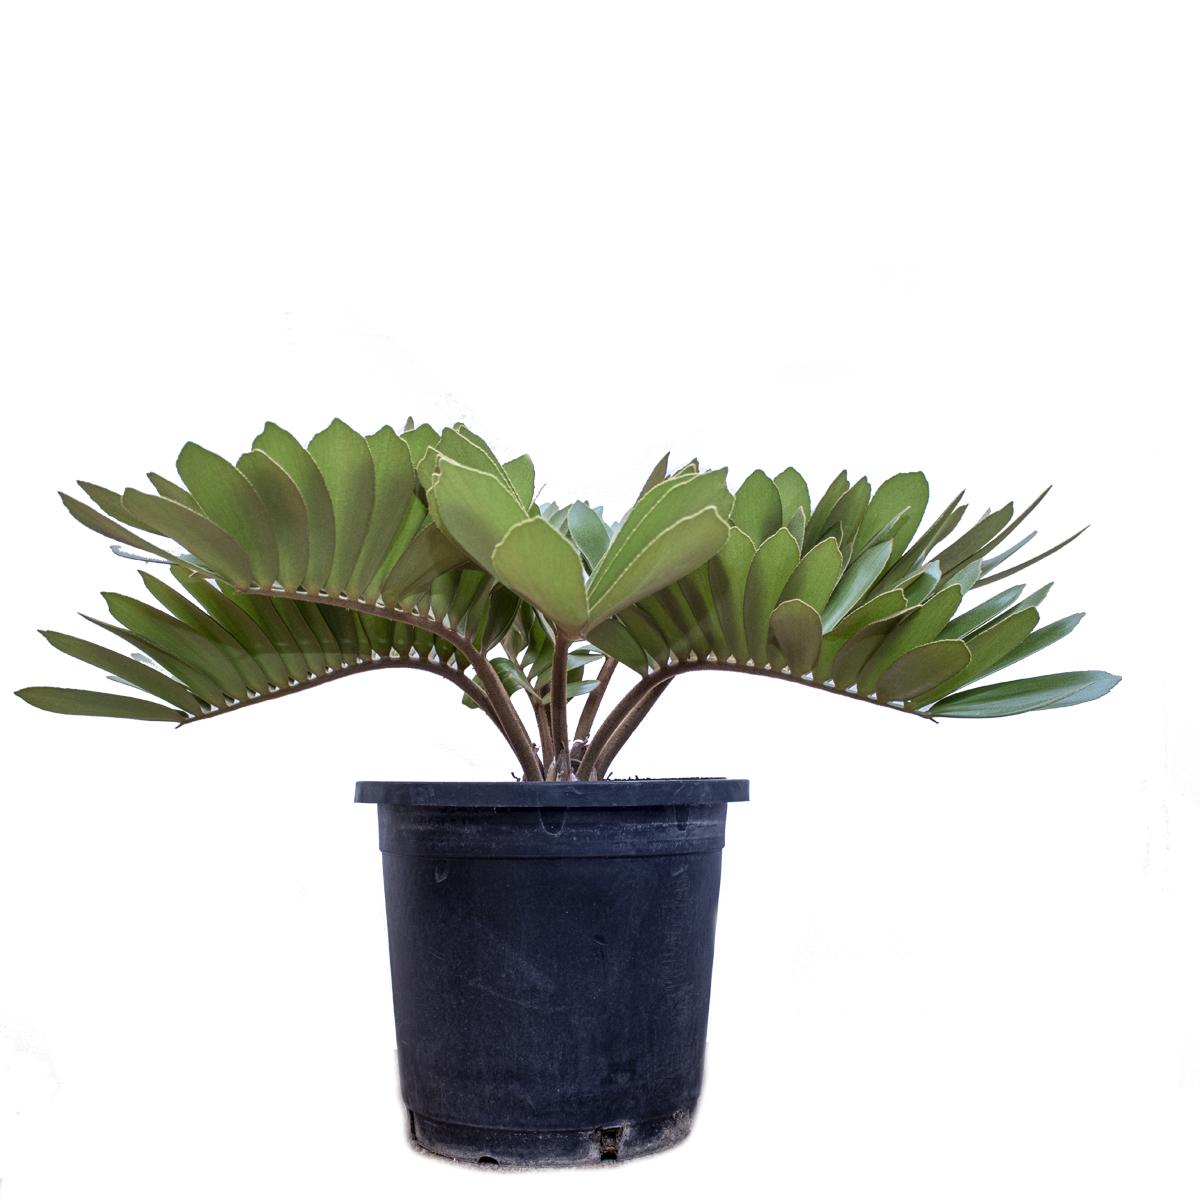 Zamia Furfuracea 'Indoor Plants'